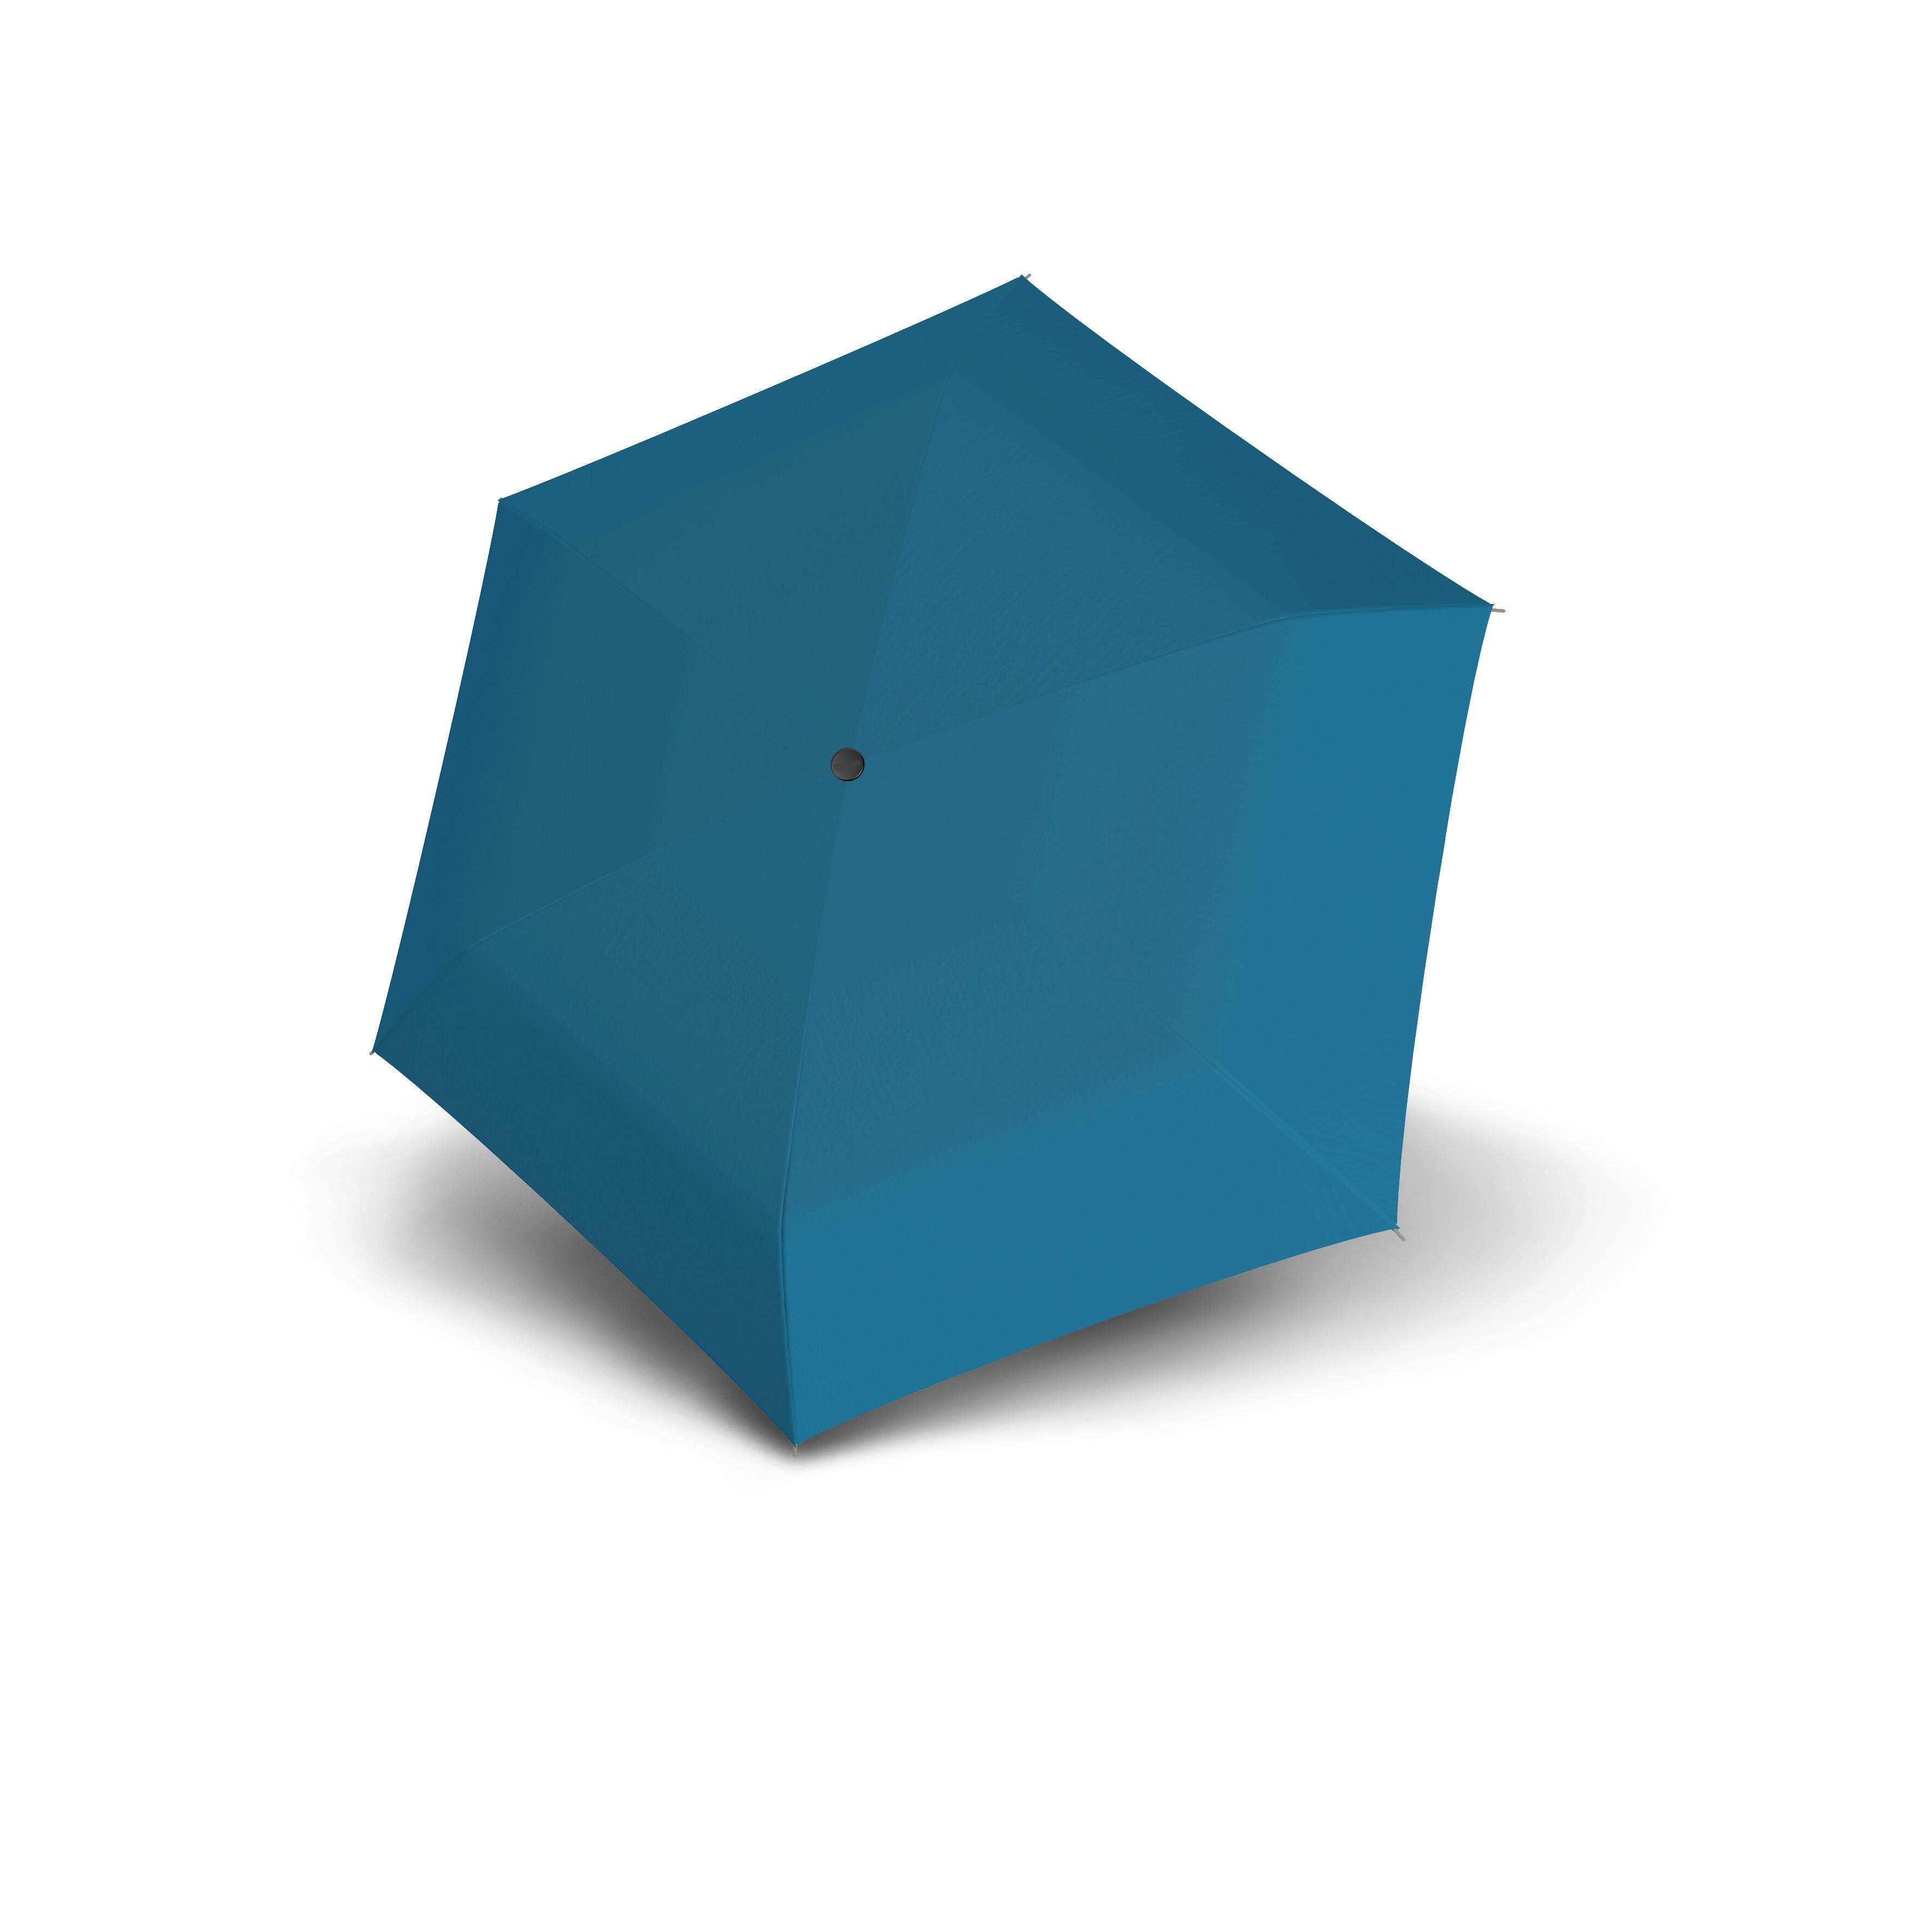 Modrý dámský mechanický skládací ultralehký deštník Nachel